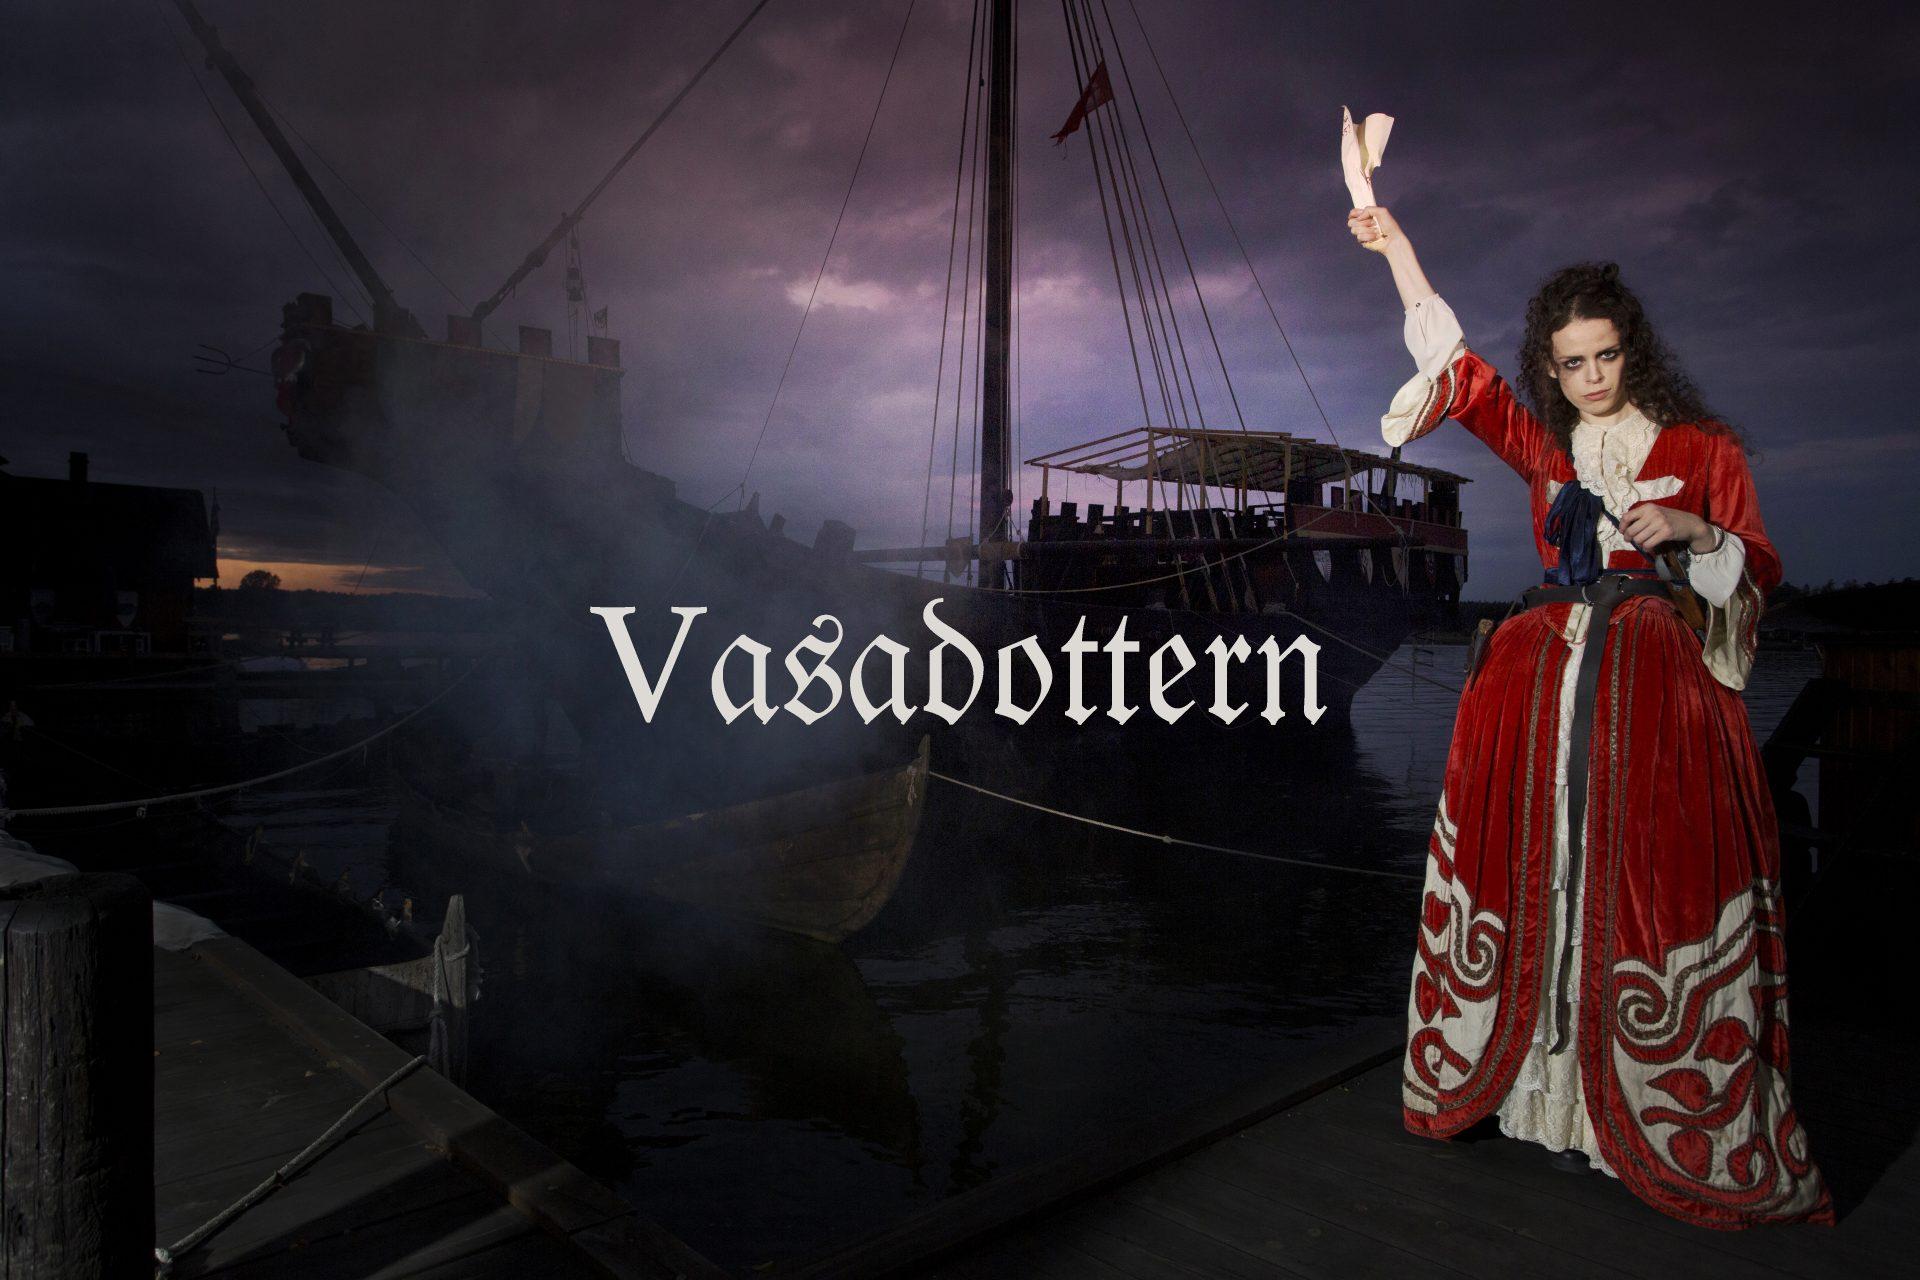 Skådespelare som spelar Cecilia Vasa